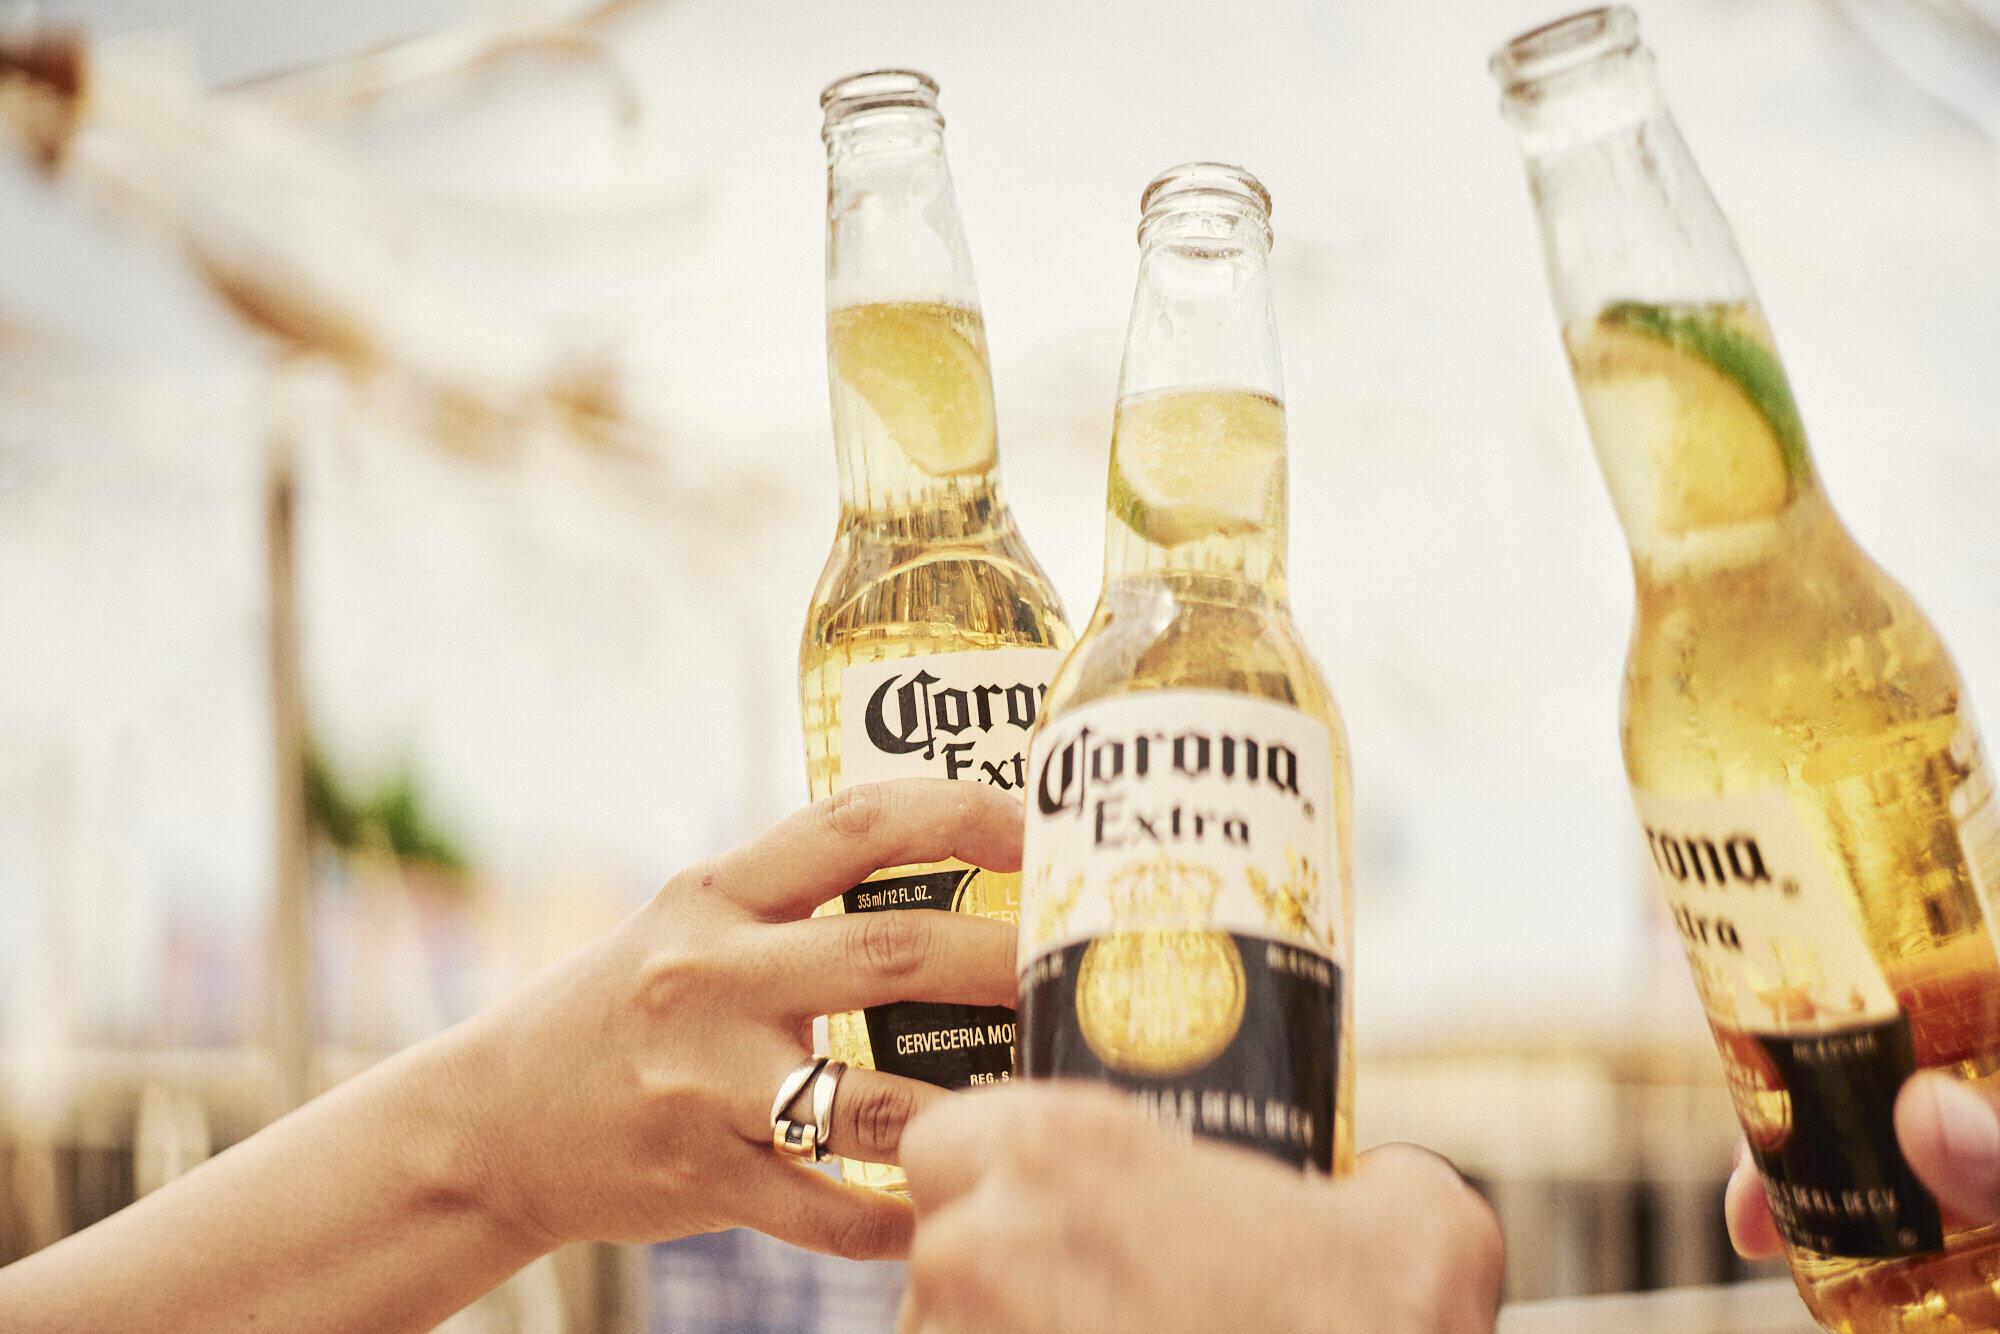 【コロナに勝つ! ニッポンの会社】コロナビールが世界のホテル1万4000室を予約! 観光・旅行業界の支援にひと役